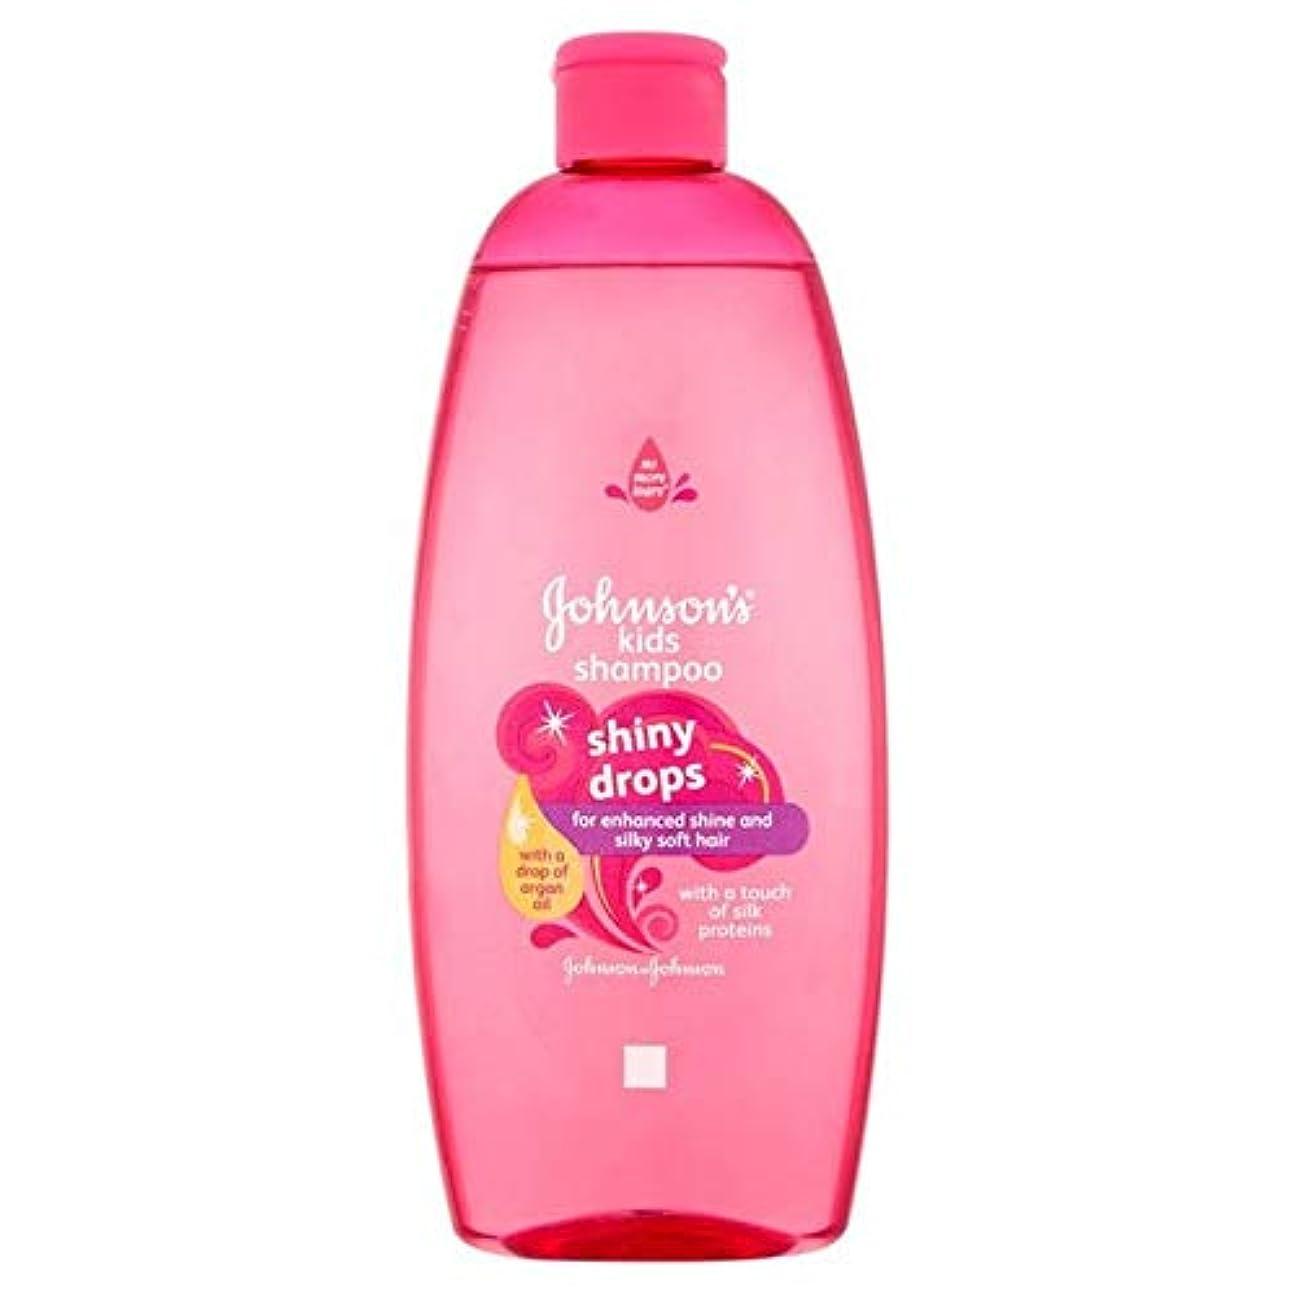 見る人長いですバッジ[Johnson's ] ジョンソンの子供たちは、光沢のあるシャンプー500ミリリットルをドロップ - Johnson's Kids Shiny Drops Shampoo 500ml [並行輸入品]